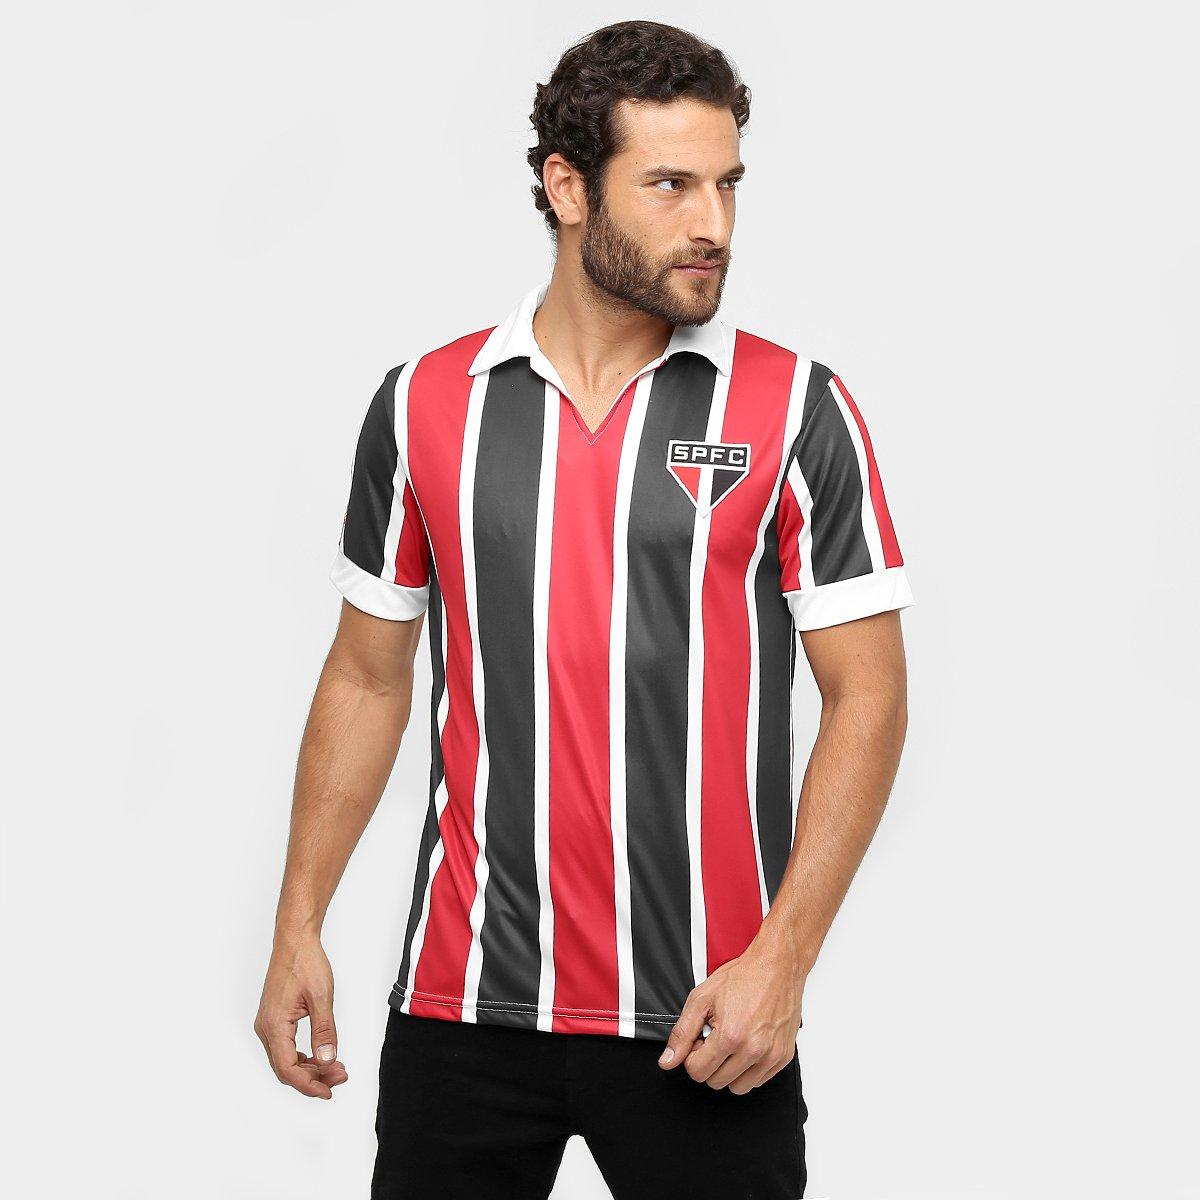 6f9020e4b5 Camisa Polo São Paulo Réplica 1957 Masculina - Compre Agora